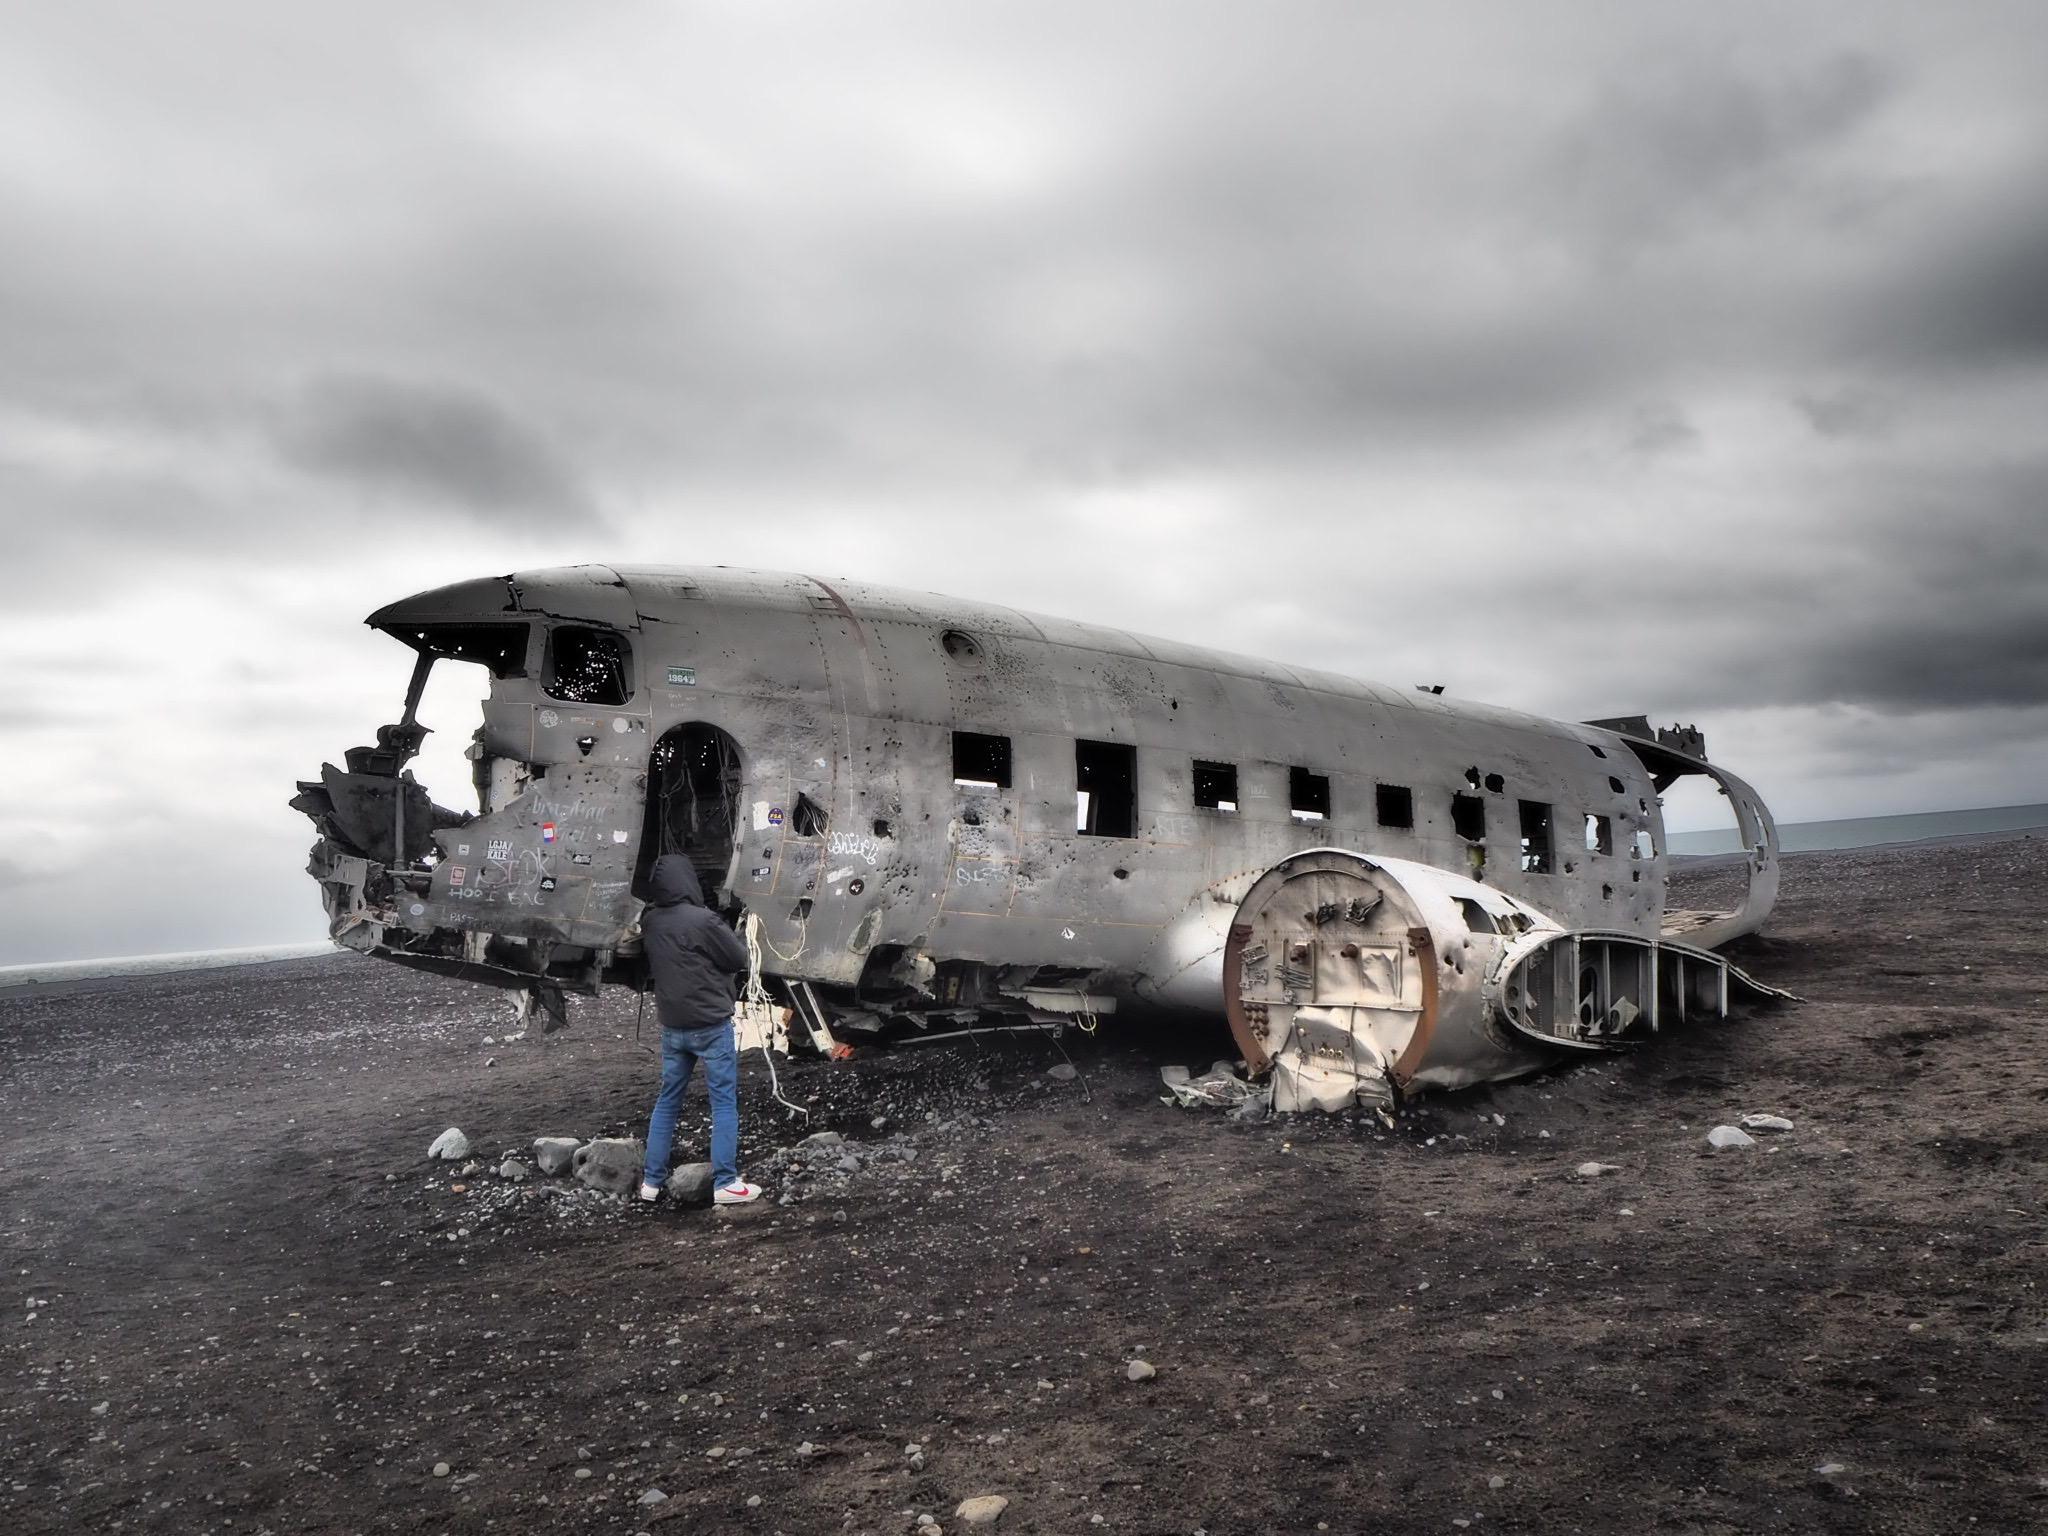 la plage de sable noir de Sólheimasandur ou se trouve la fameuse épave de DC-3 américain